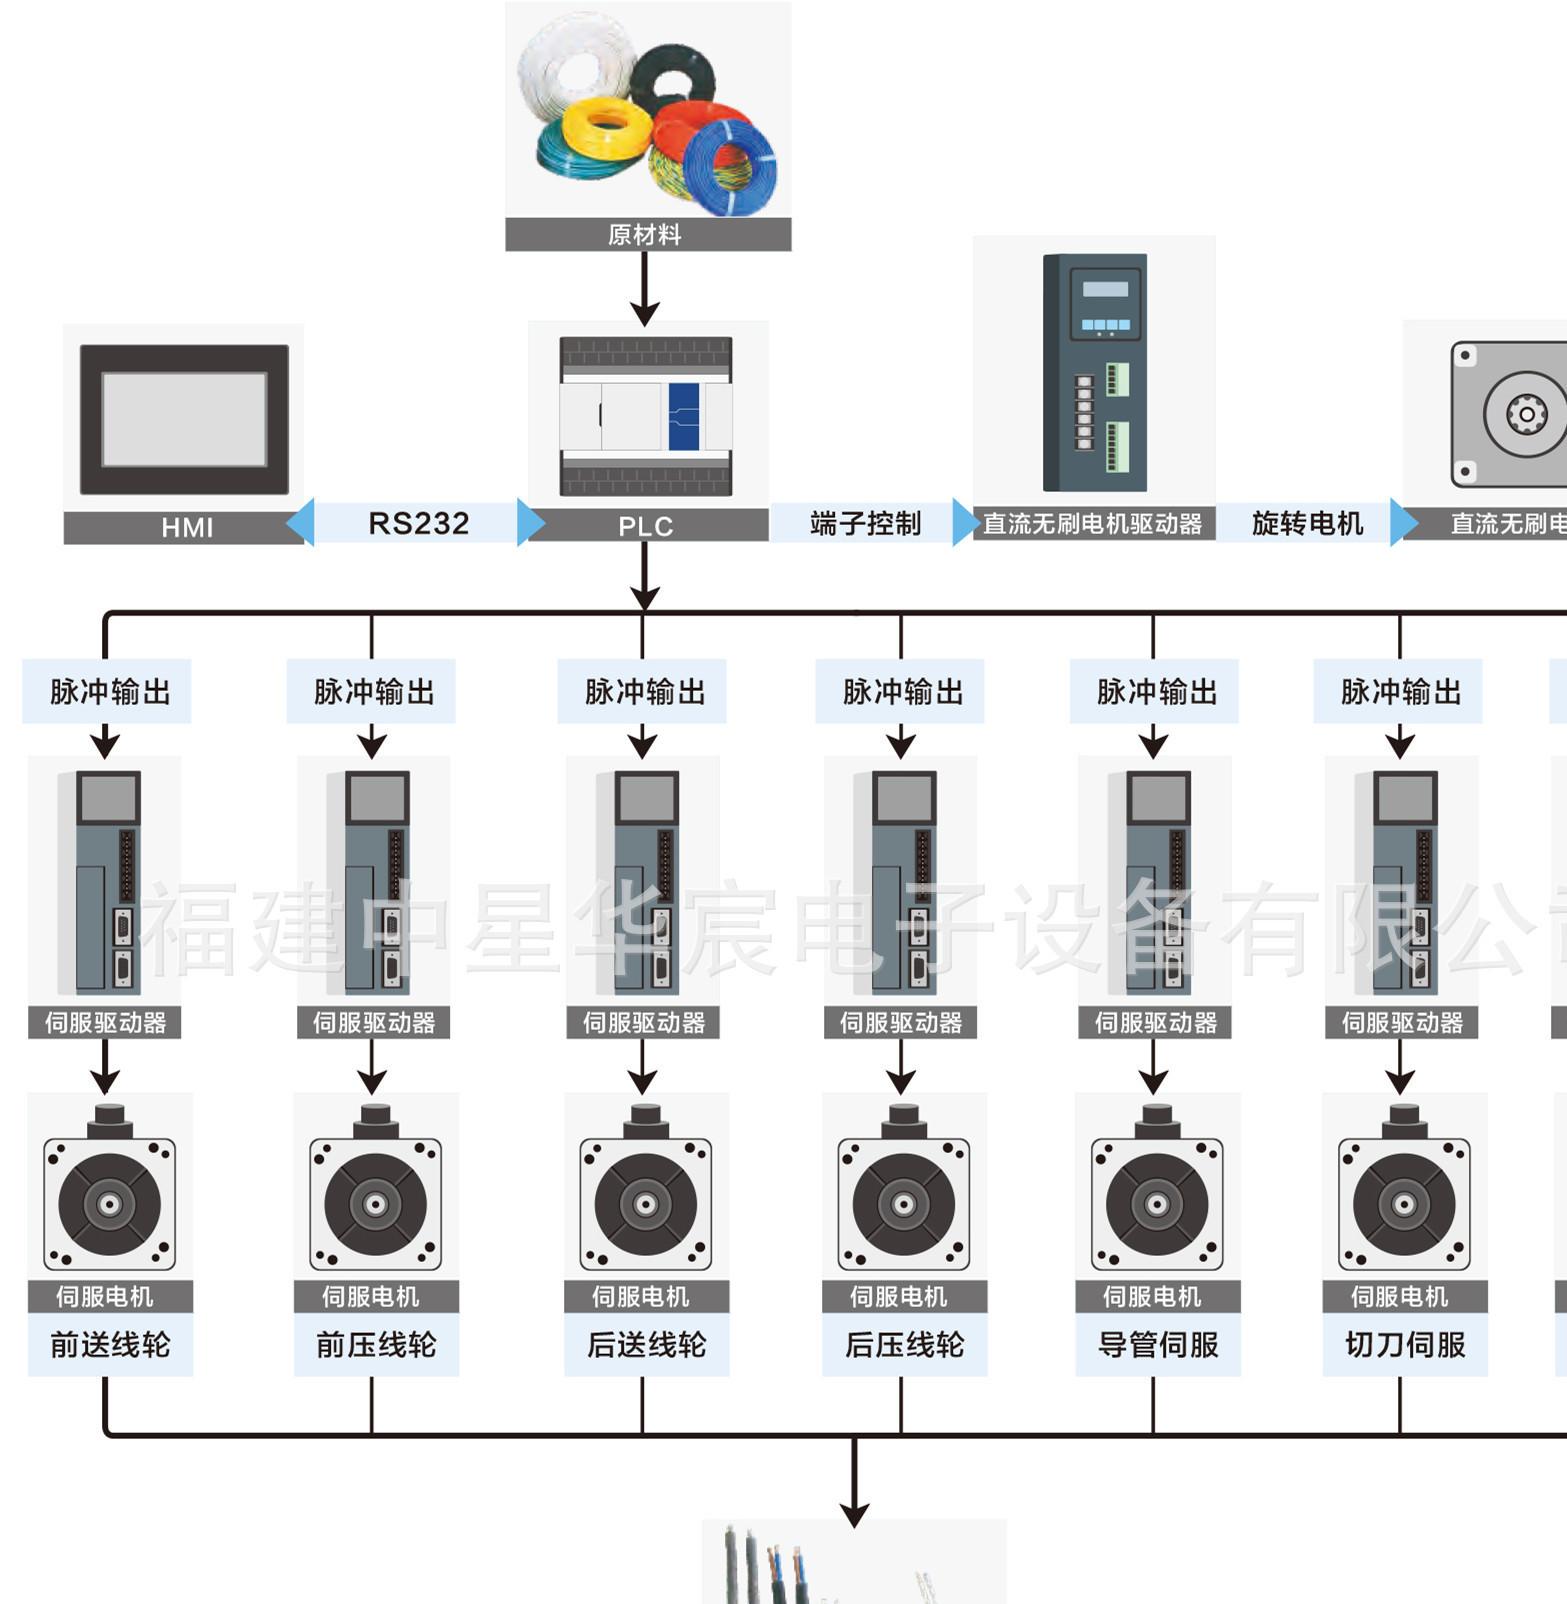 自动剥线机 导线剥皮机 伺服控制系统解决方案(纯系统配套整机厂)